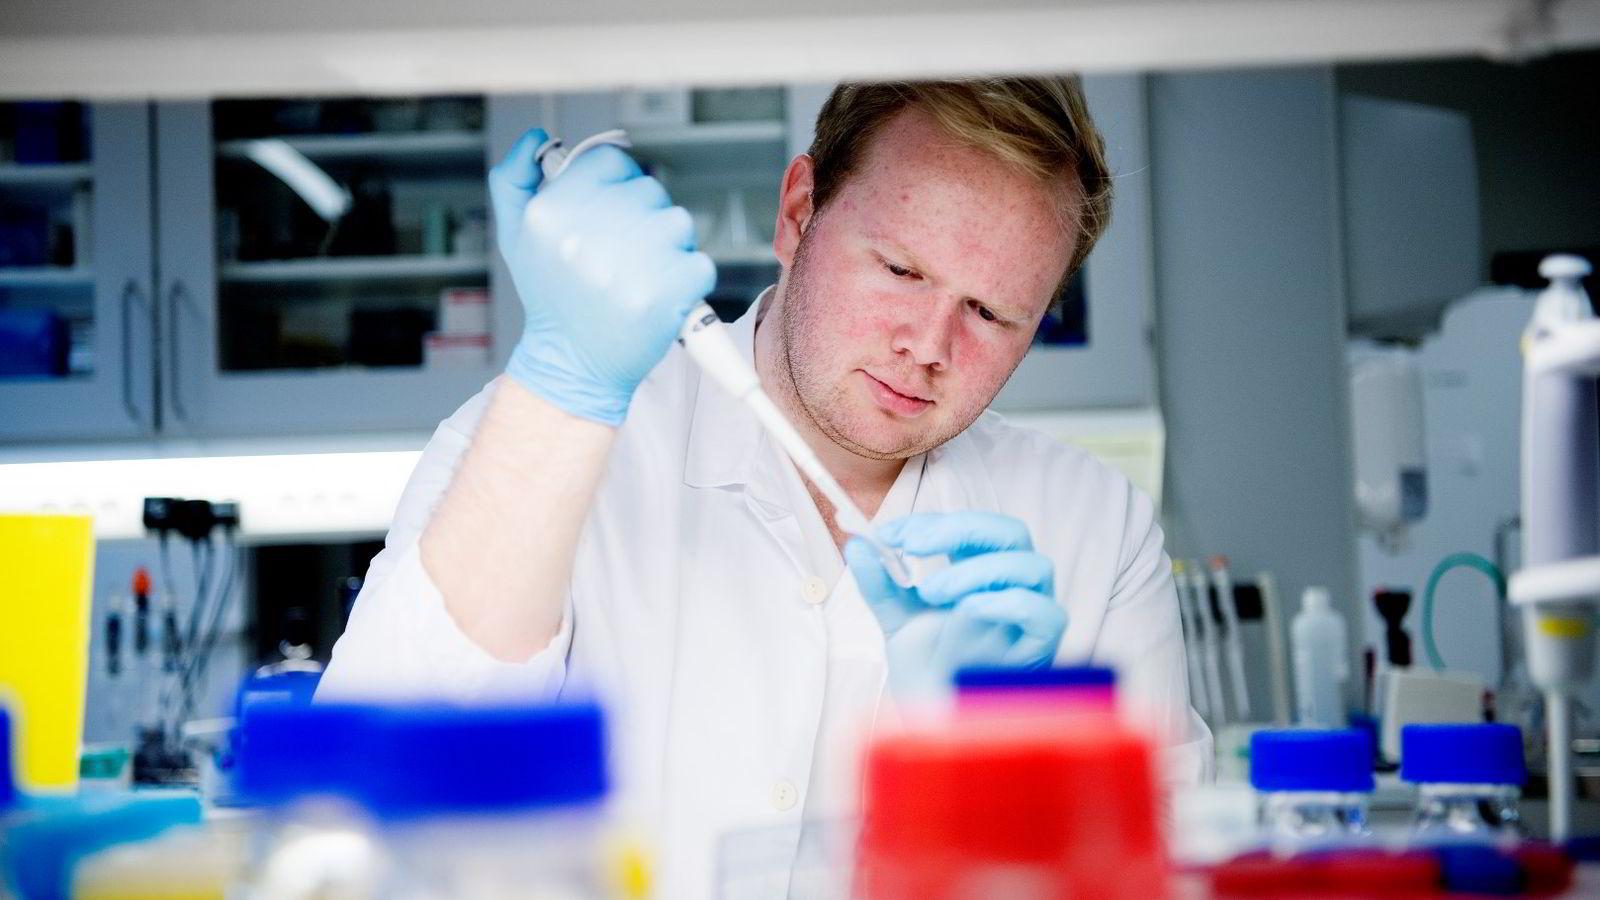 Student Helge Leander Jensen (23) tilbringer mye tid på laben på UiOs medisinutdannelse. Han måtte jobbe hardt og målrettet på videregående for å komme inn på prestisjestudiet, men tviler på om kun karakterer er beste opptakskrav.